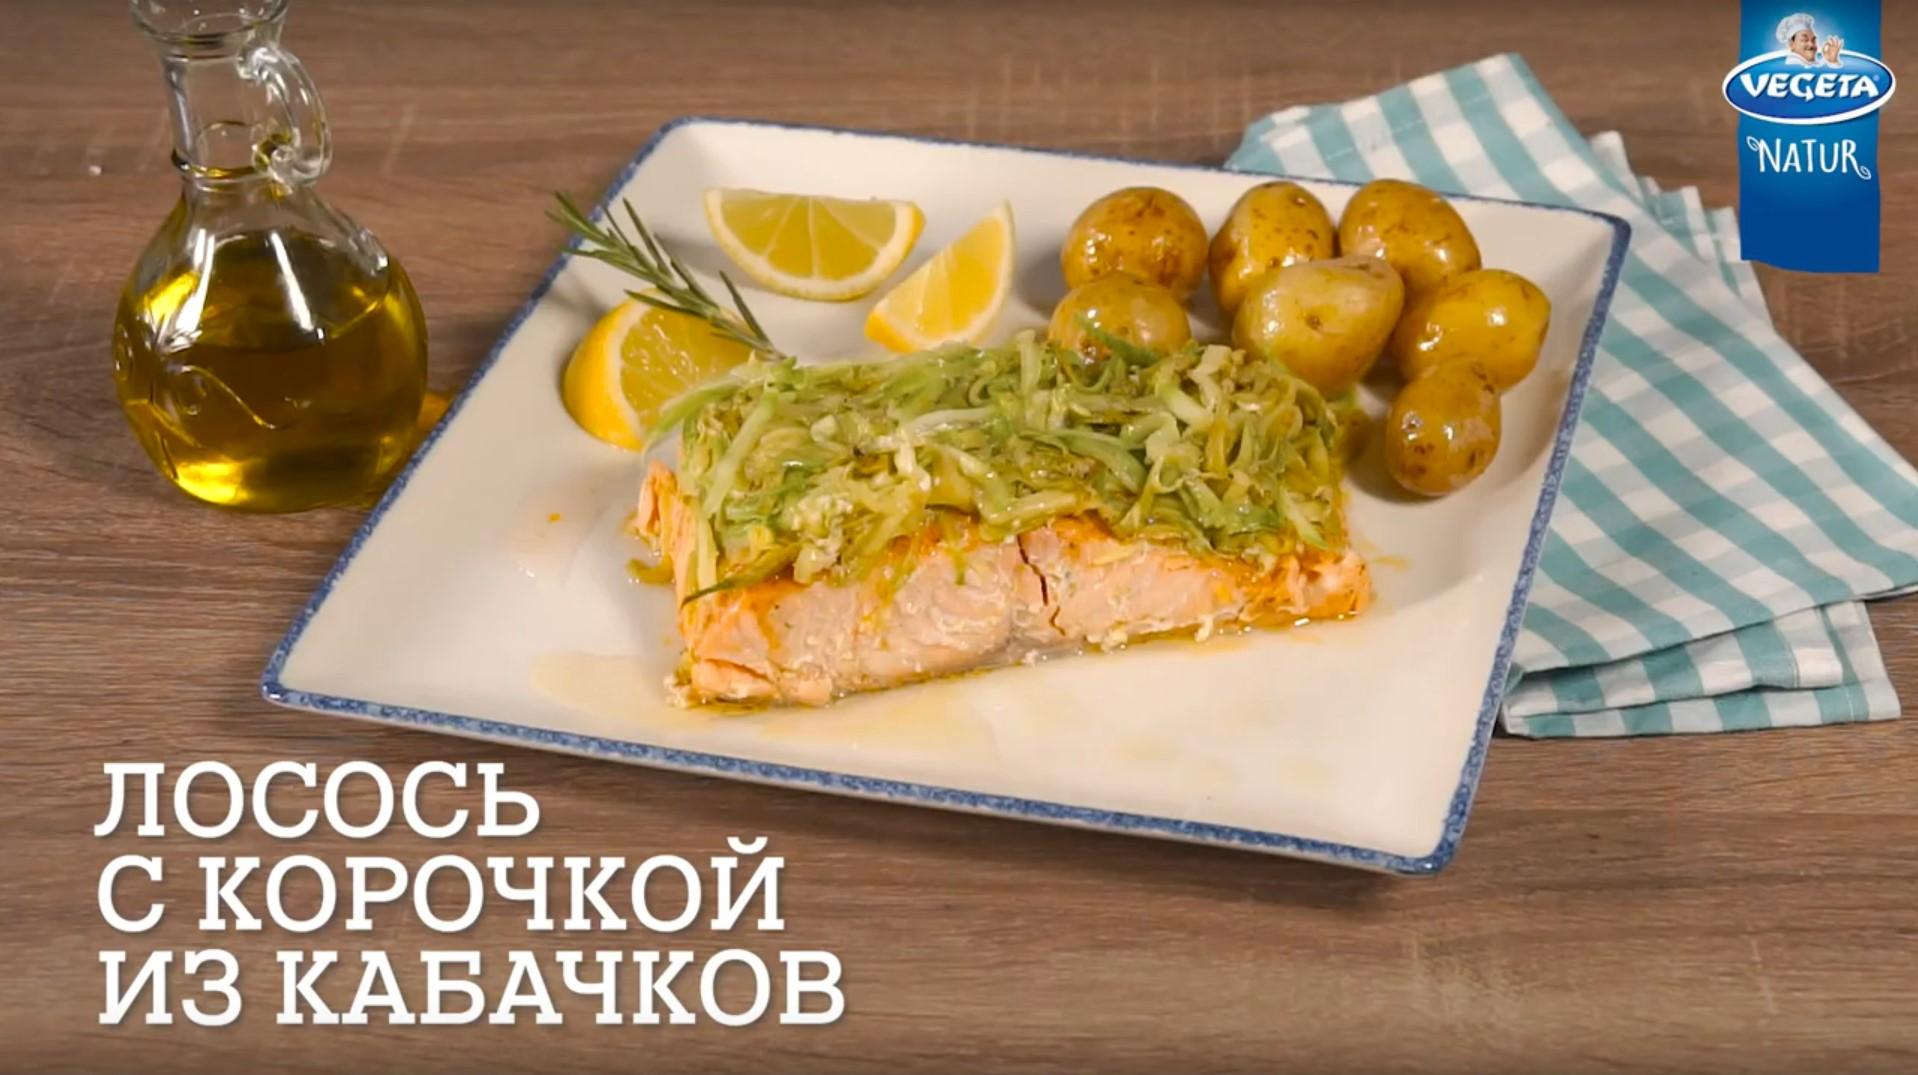 Slika recepta